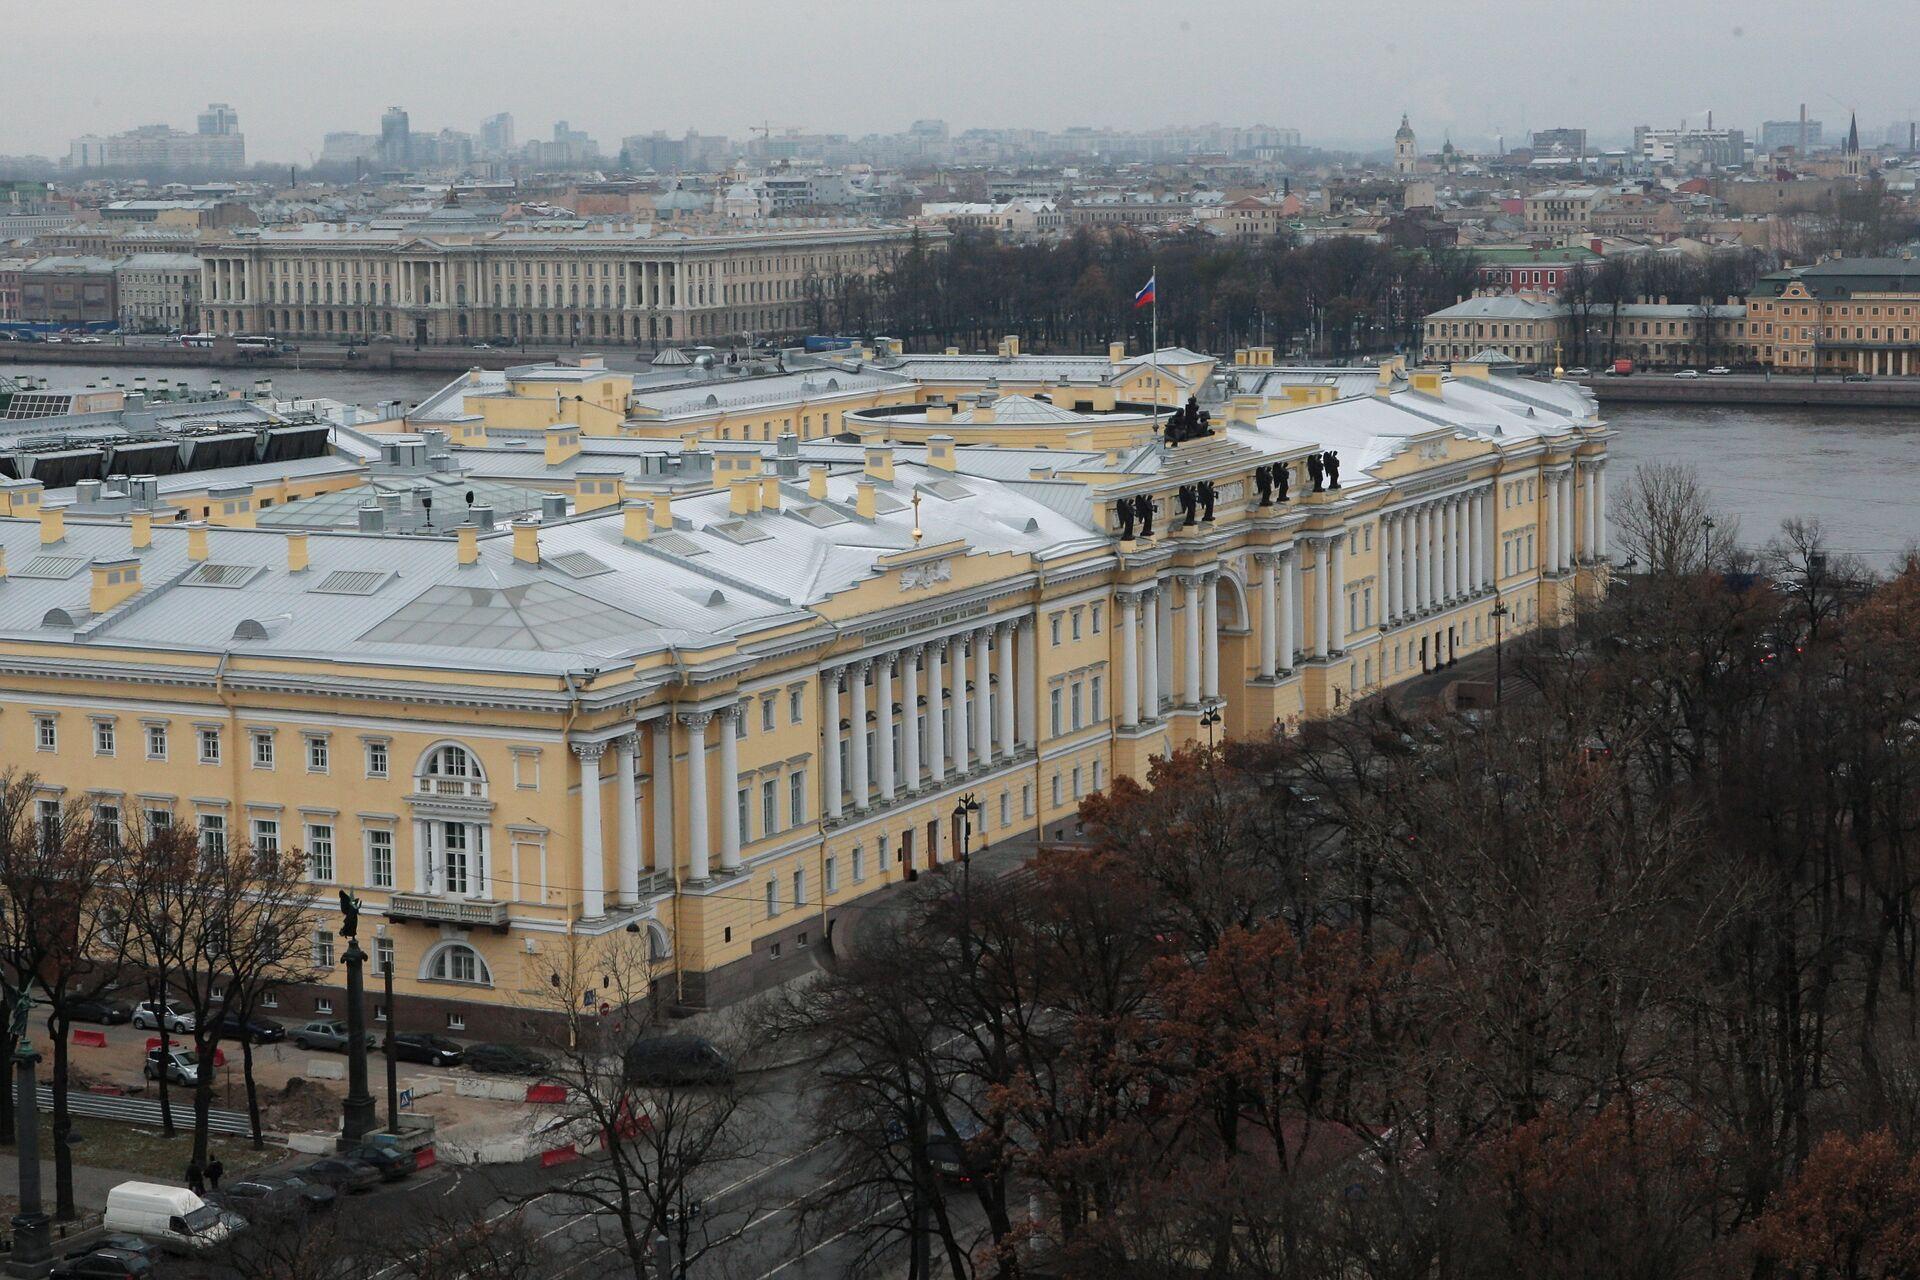 Здание Сената и Синода в Санкт-Петербурге - РИА Новости, 1920, 04.10.2020